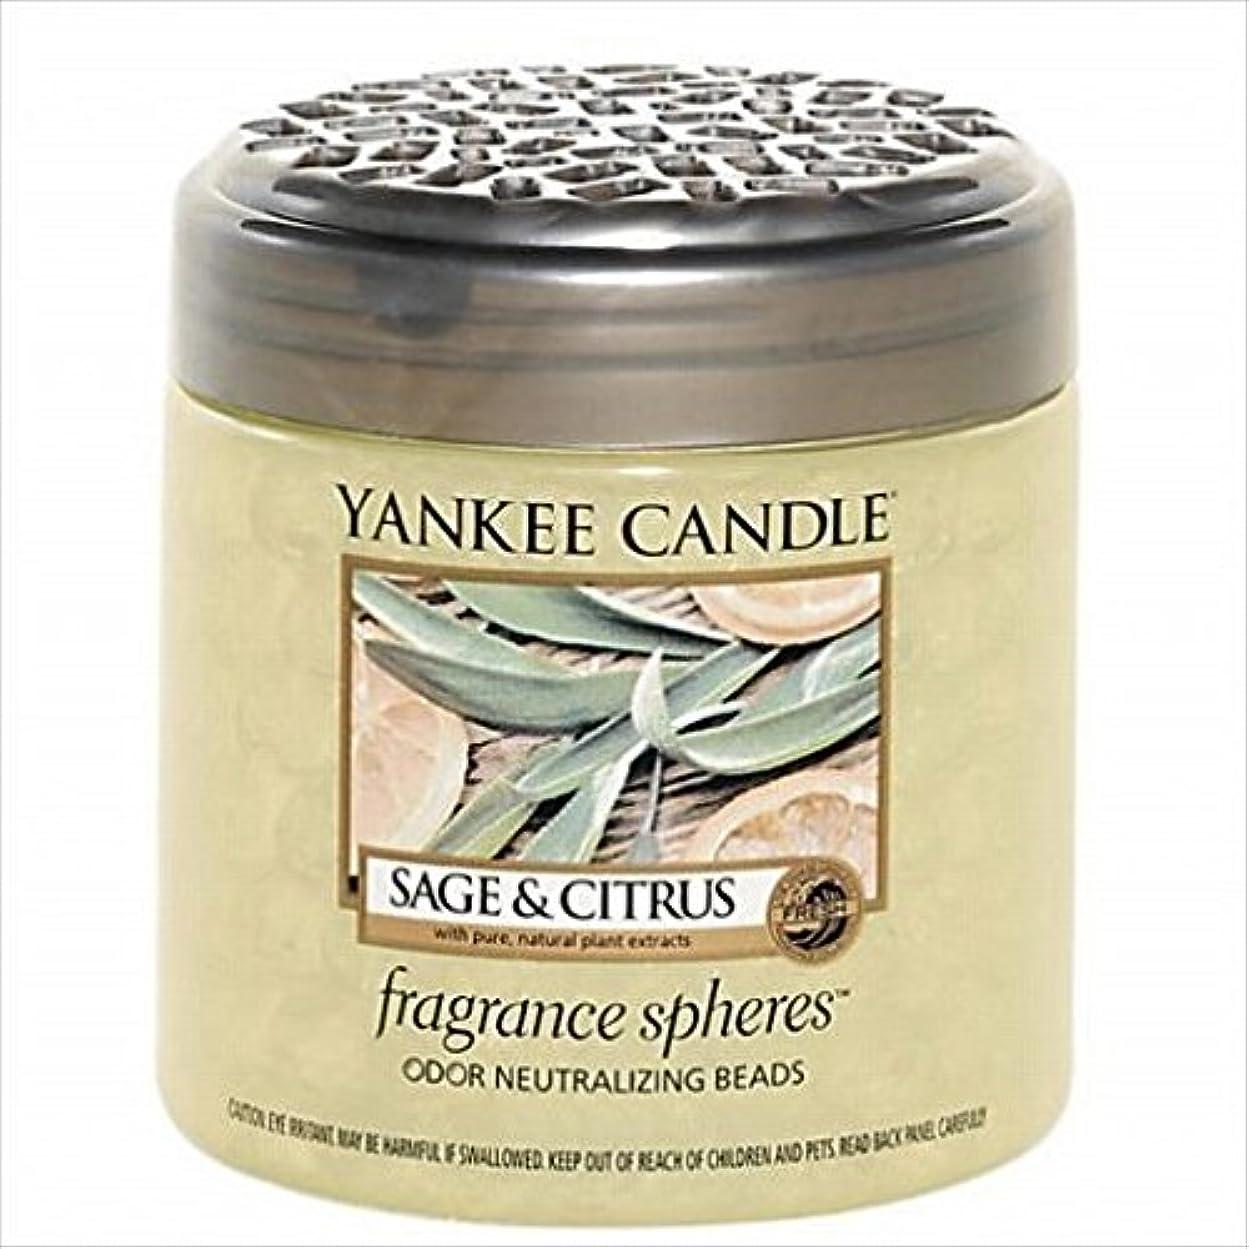 バー離す加速度YANKEE CANDLE(ヤンキーキャンドル) YANKEE CANDLE フレグランスビーズ 「 セージ&シトラス 」(K3300505)